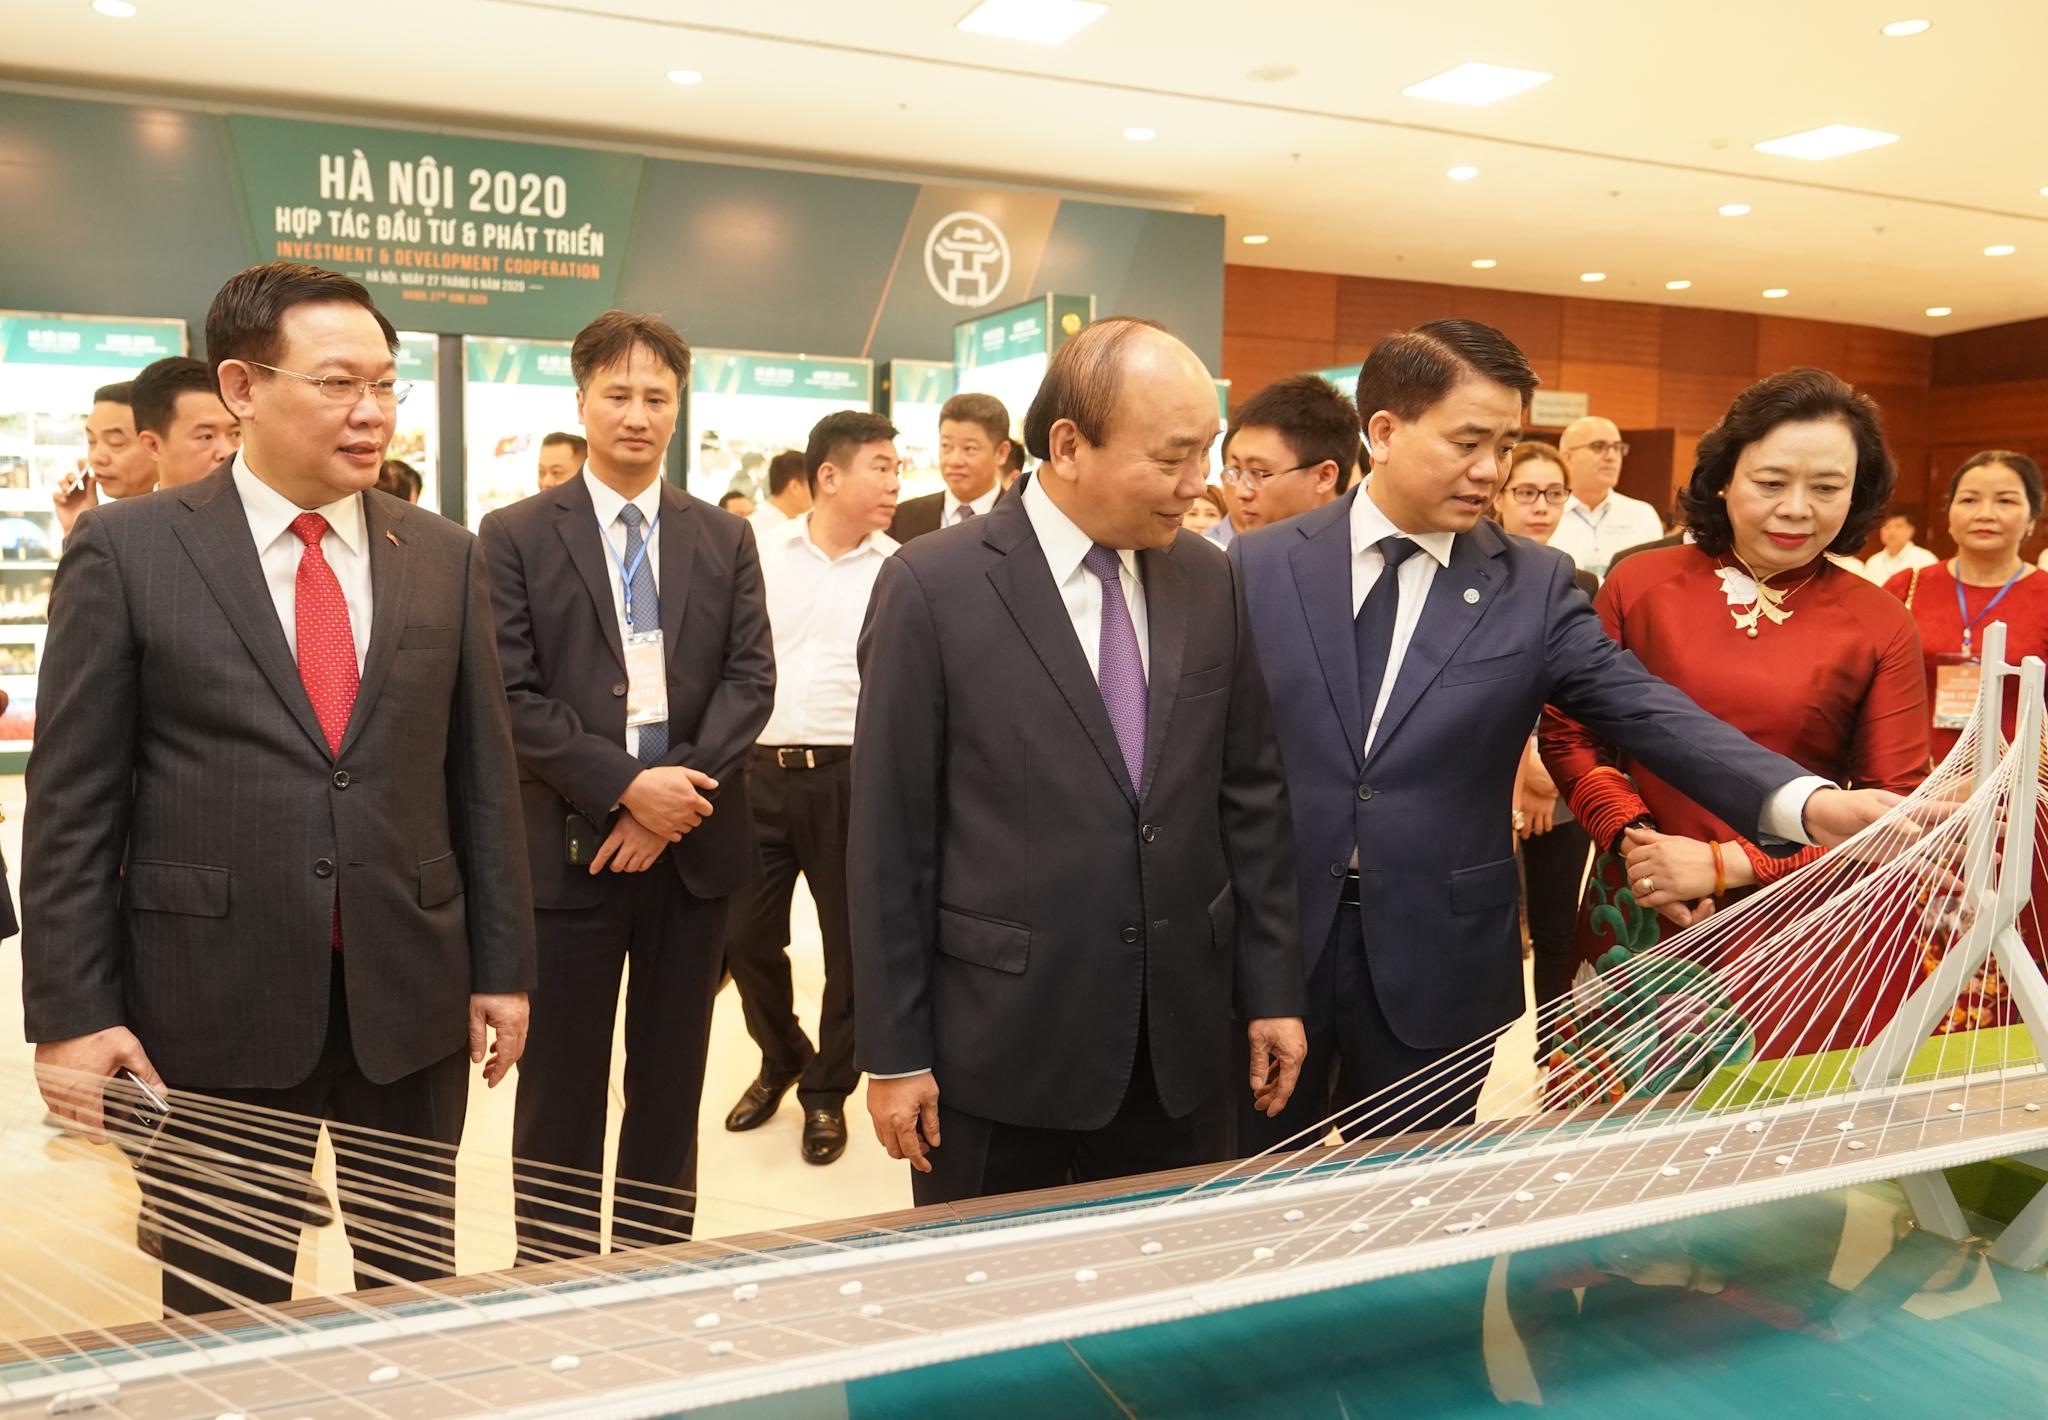 TP Hà Nội muốn thu hút đầu tư xây dựng lại chung cư cũ, đô thị thông minh và công viên phần mềm - Ảnh 1.